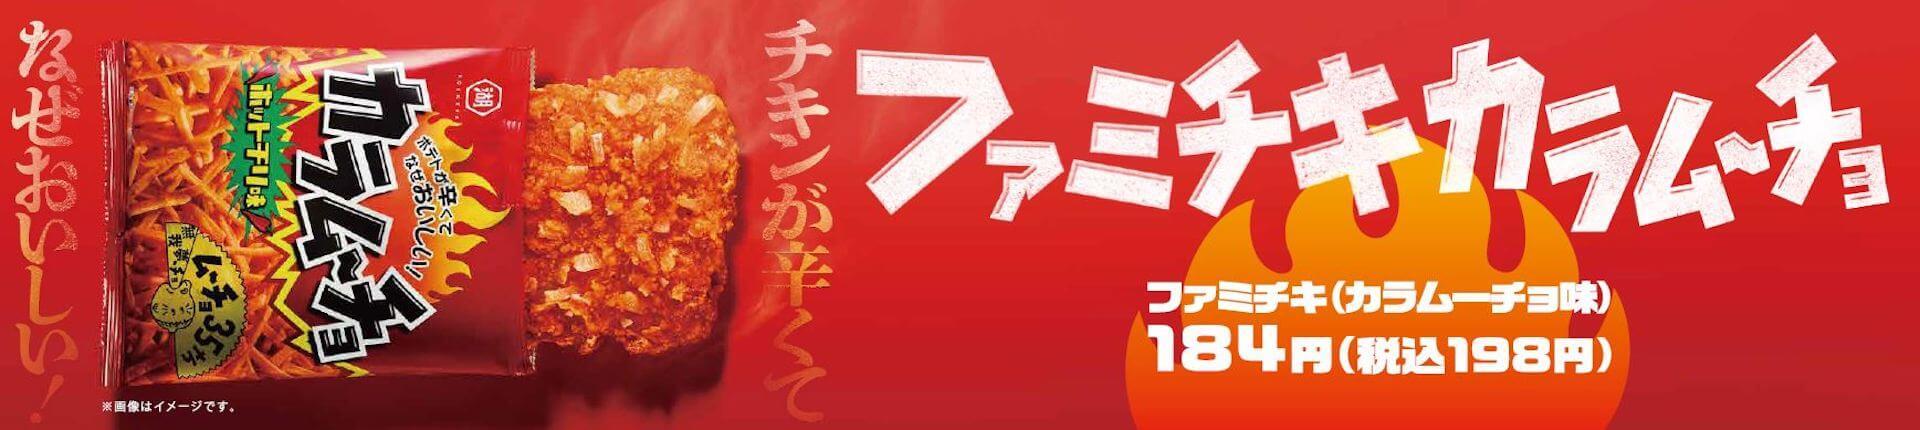 ファミチキにお菓子の定番・カラムーチョ味が登場!ファミリーマートで本日より発売 gourmet200616_famichiki_5